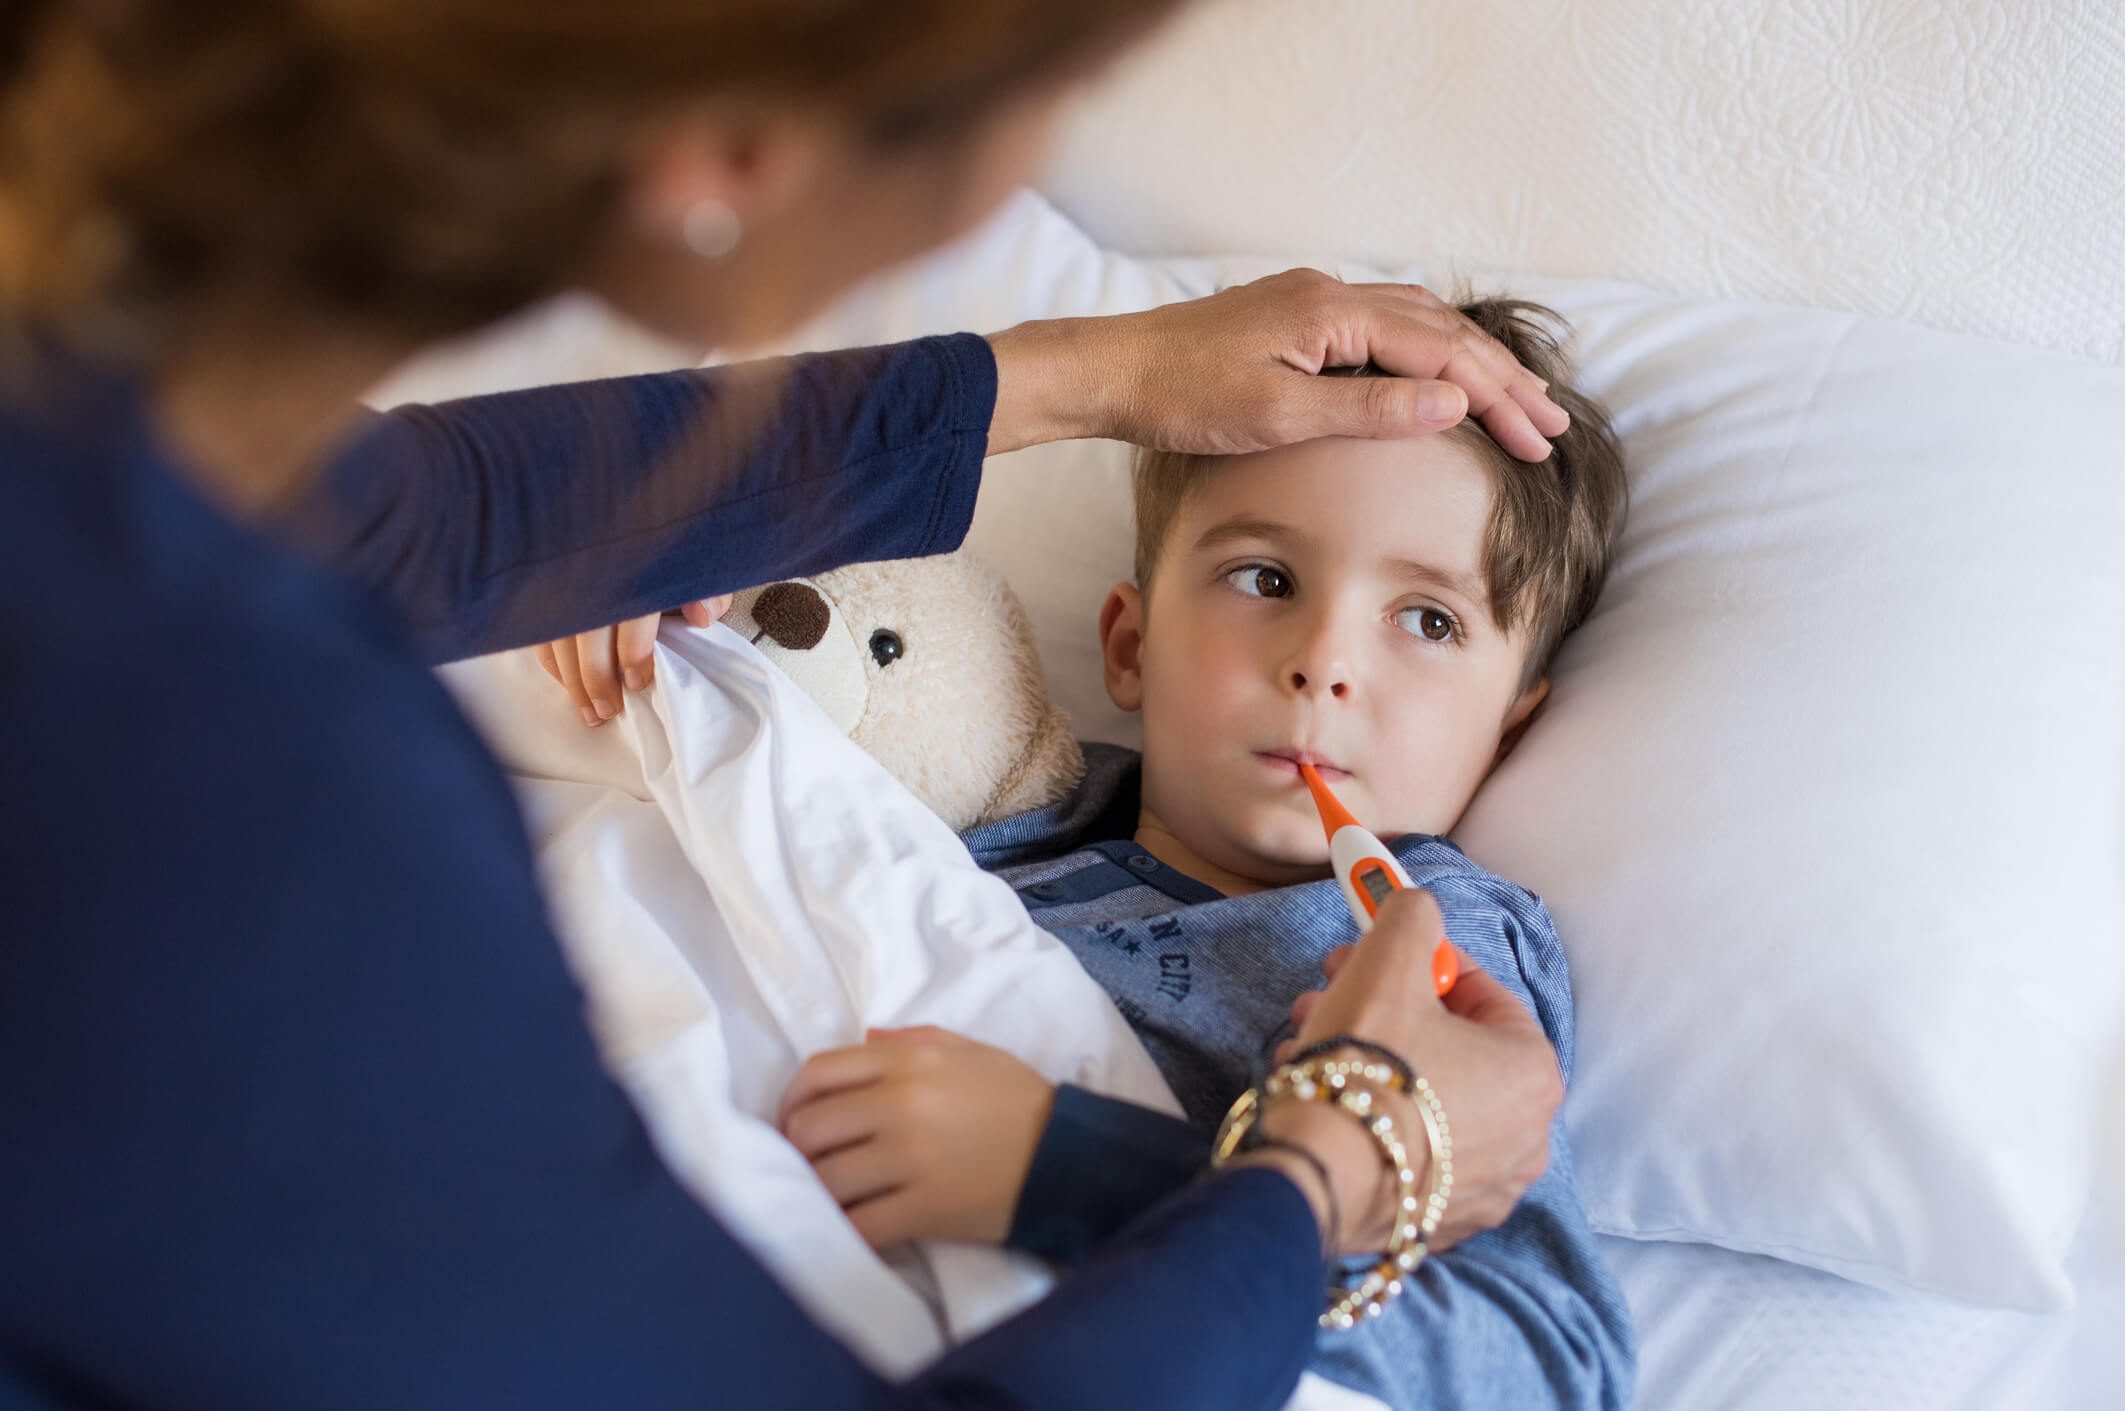 ביטוח מחלות קשות לילדים